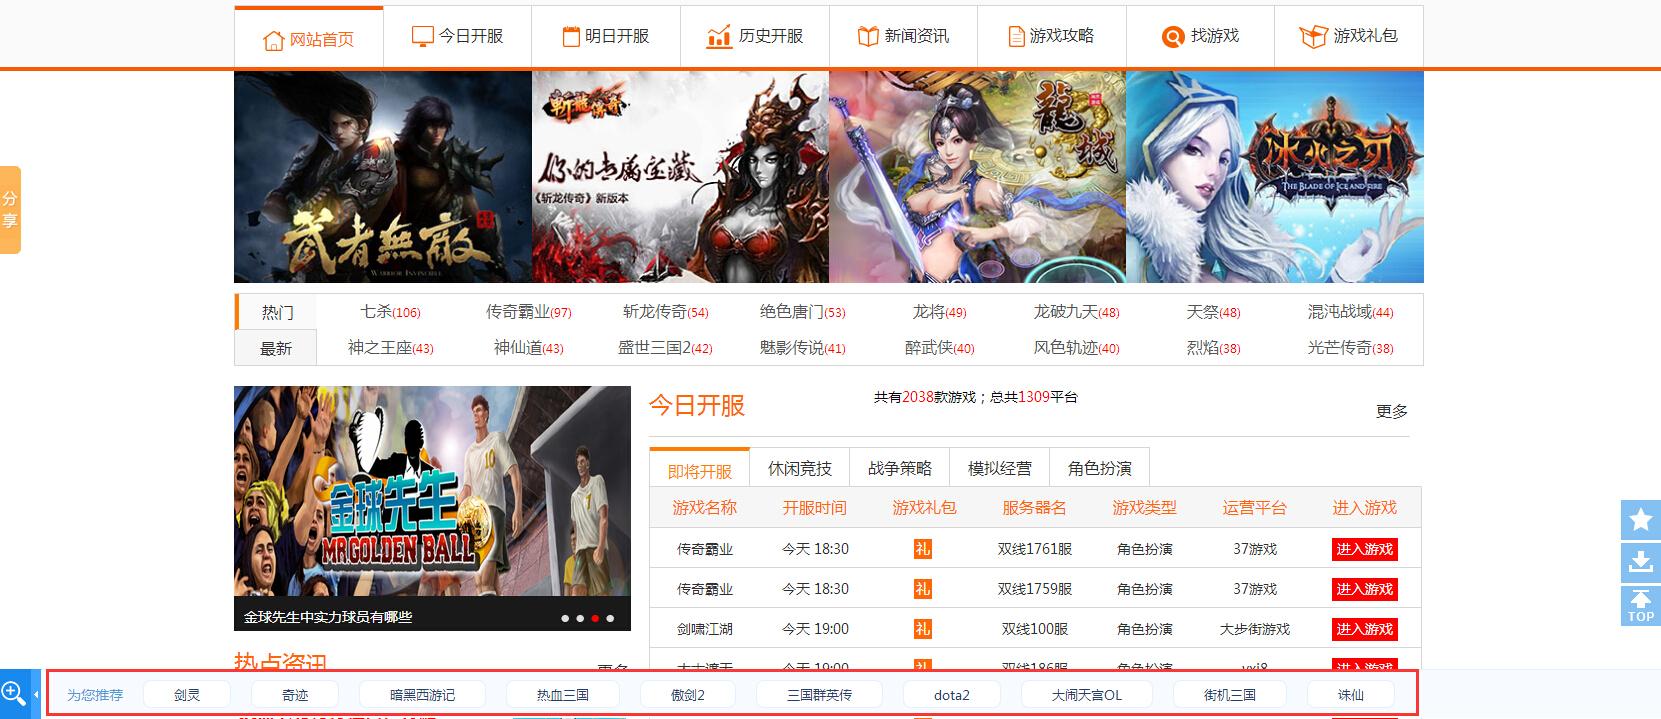 zhannei-search 880youtuijian1